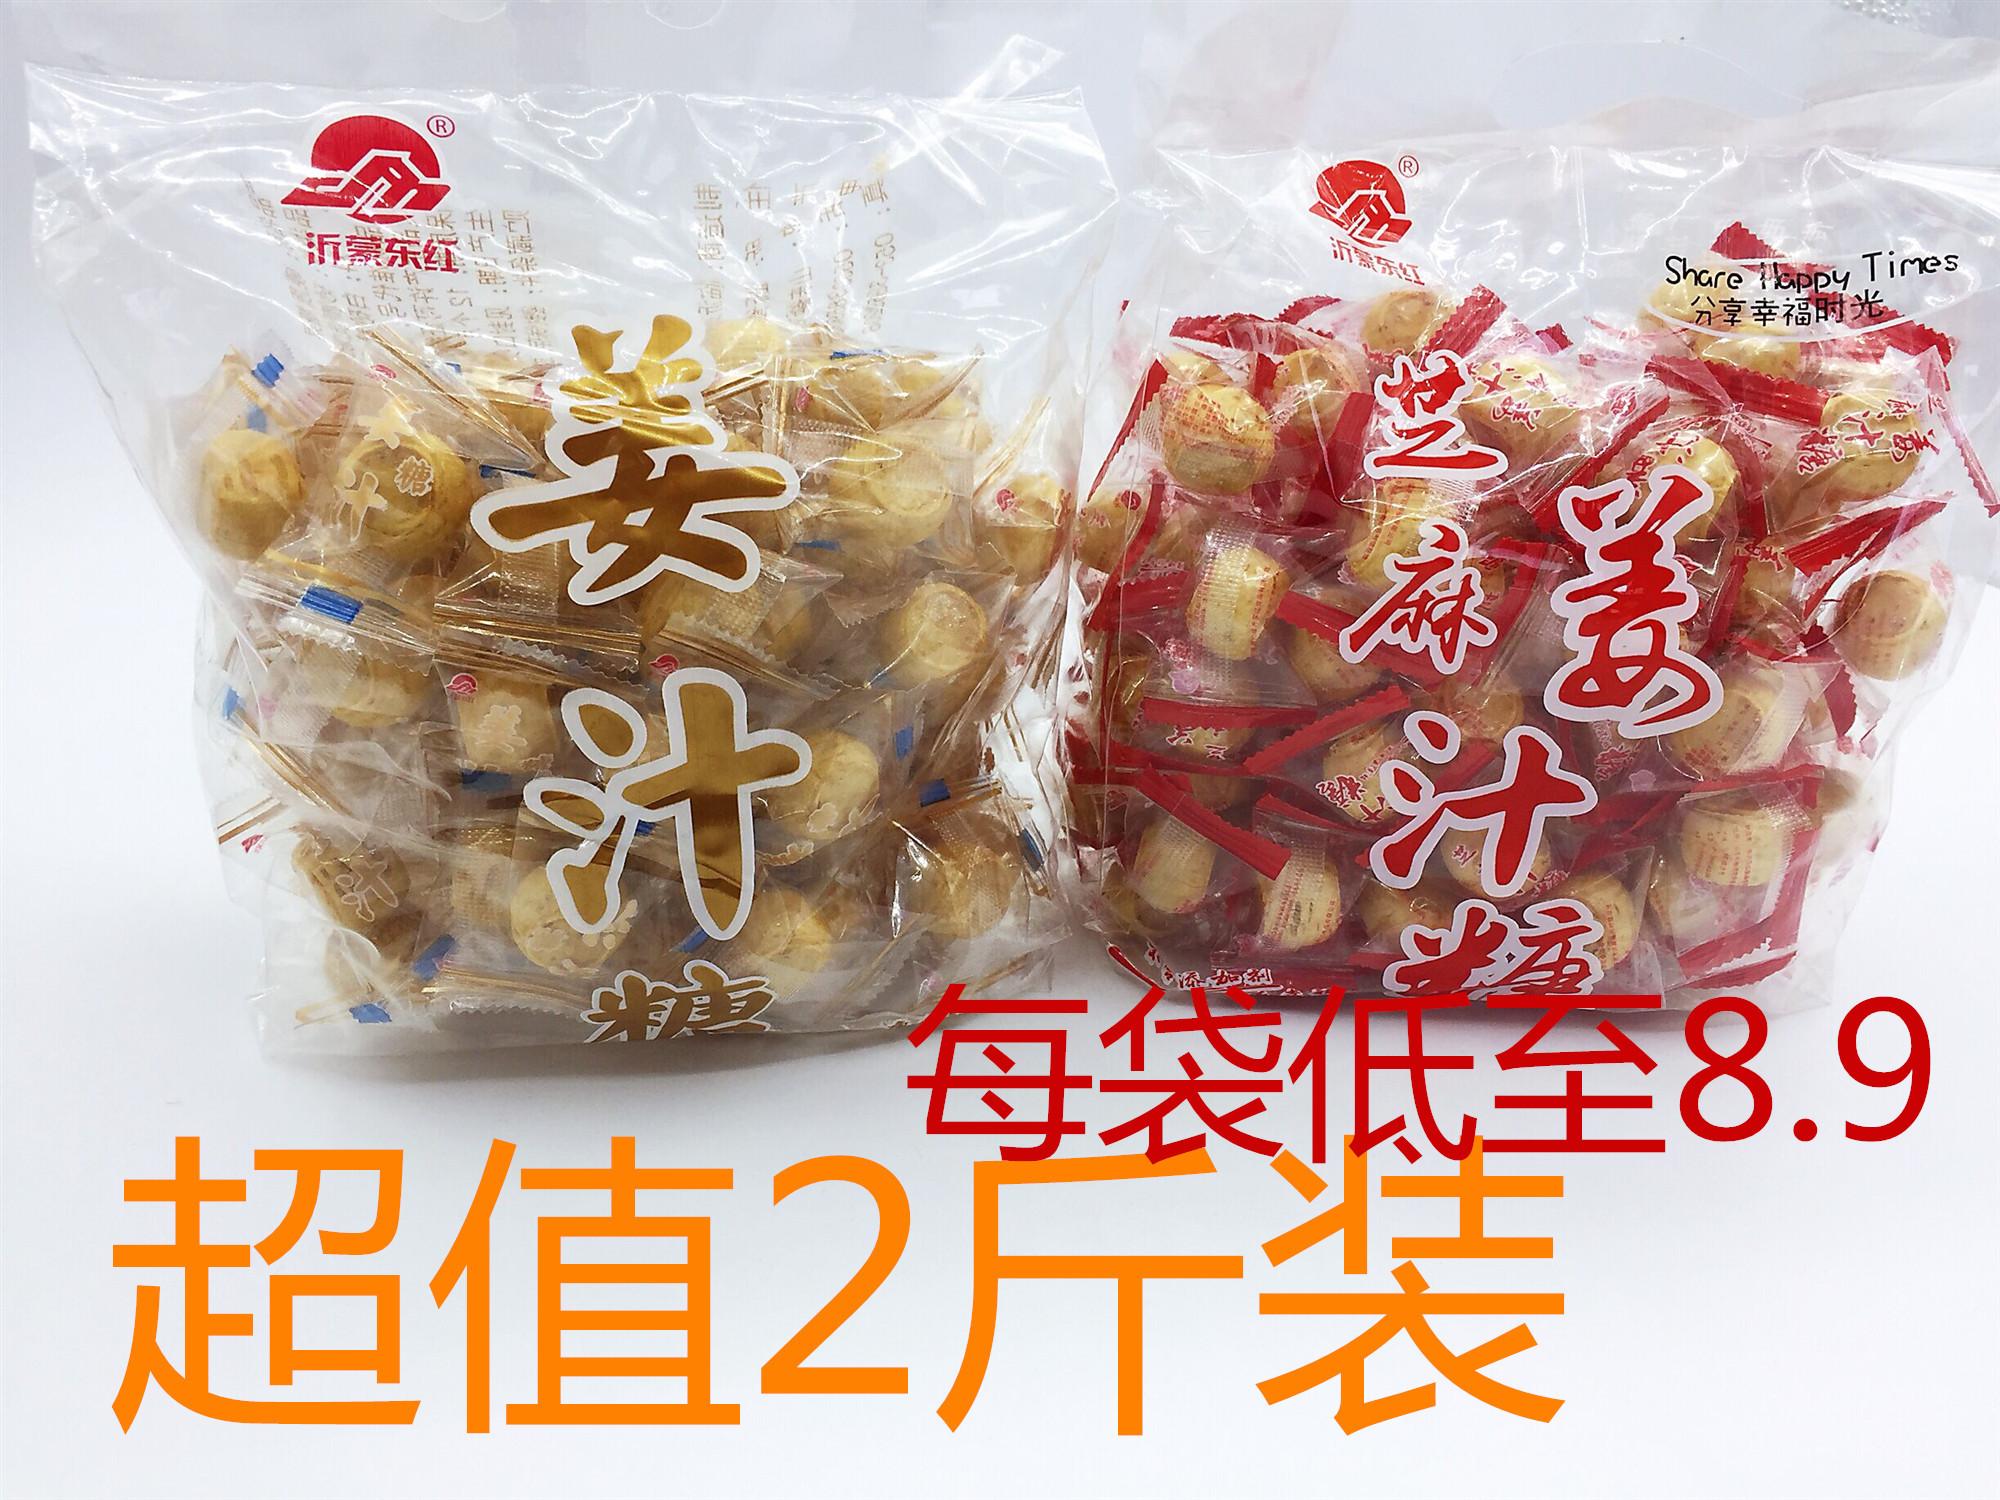 芝麻姜糖姜汁红糖2斤装山东特产沂蒙东红糖果老式零食1000克姜糖